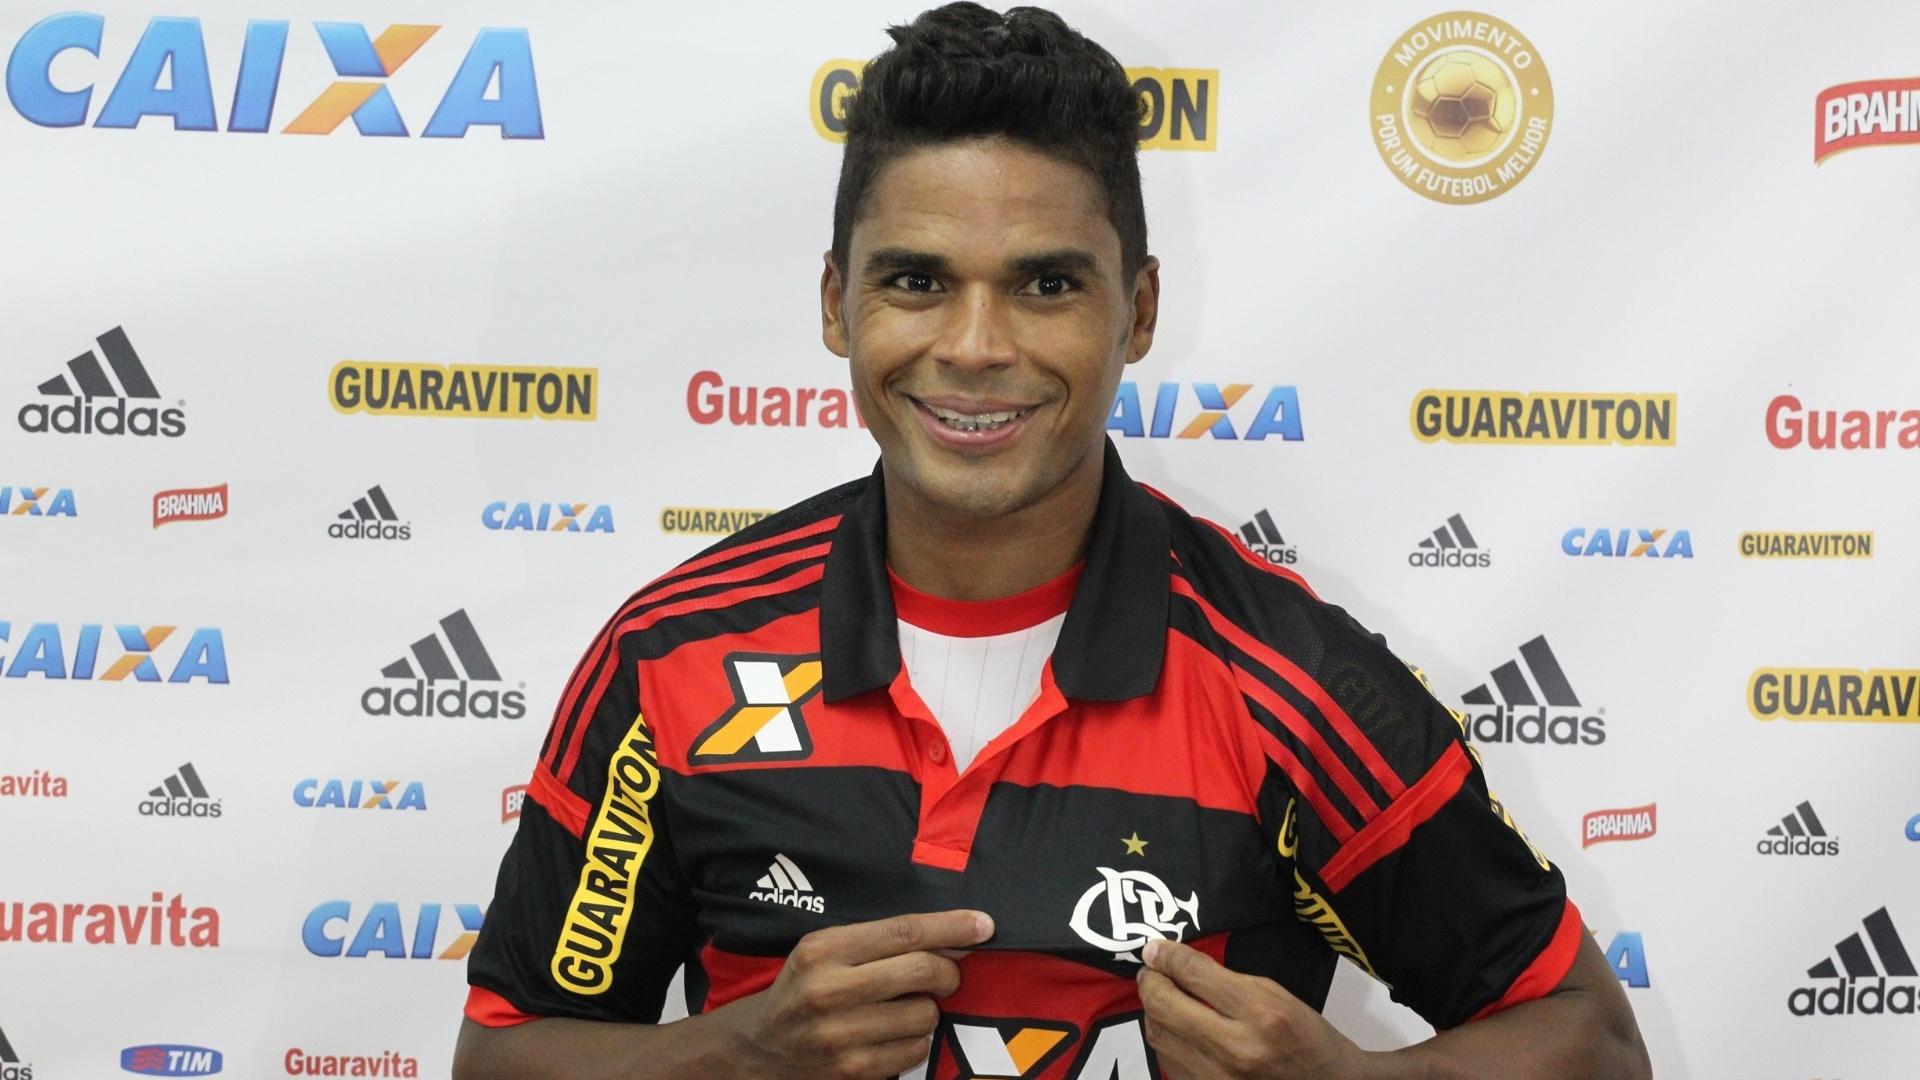 Almir posa com a camisa do Flamengo ao ser apresentado no CT Ninho do Urubu